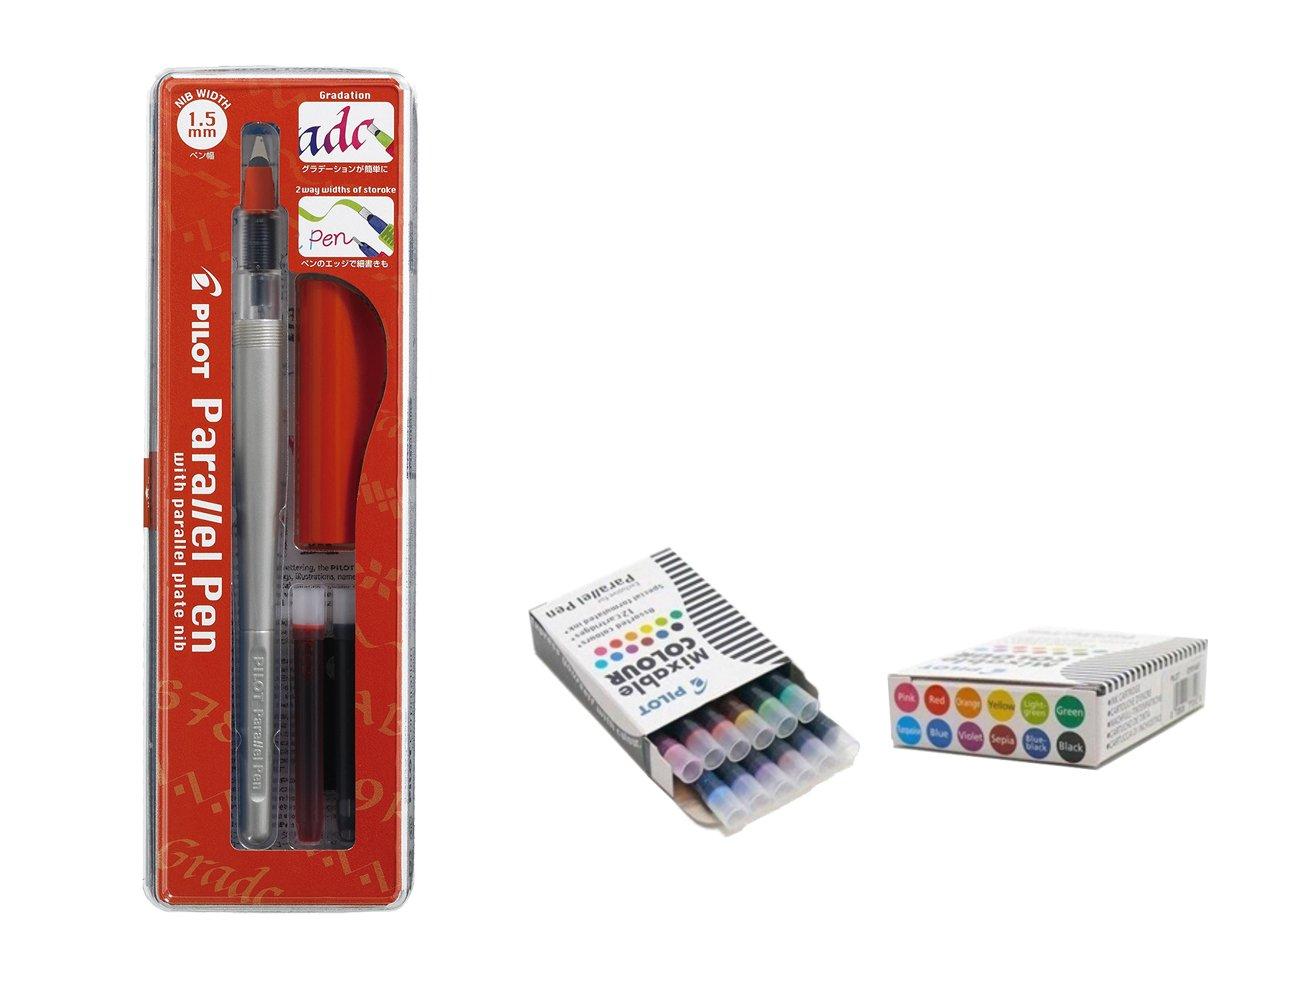 Set Calligrafico 1penna pilot Parallel Pen plumin 1.5mm Ricaricabile + scatola con 12ricariche assortiti penna pilot Parallel Pen Pilot.